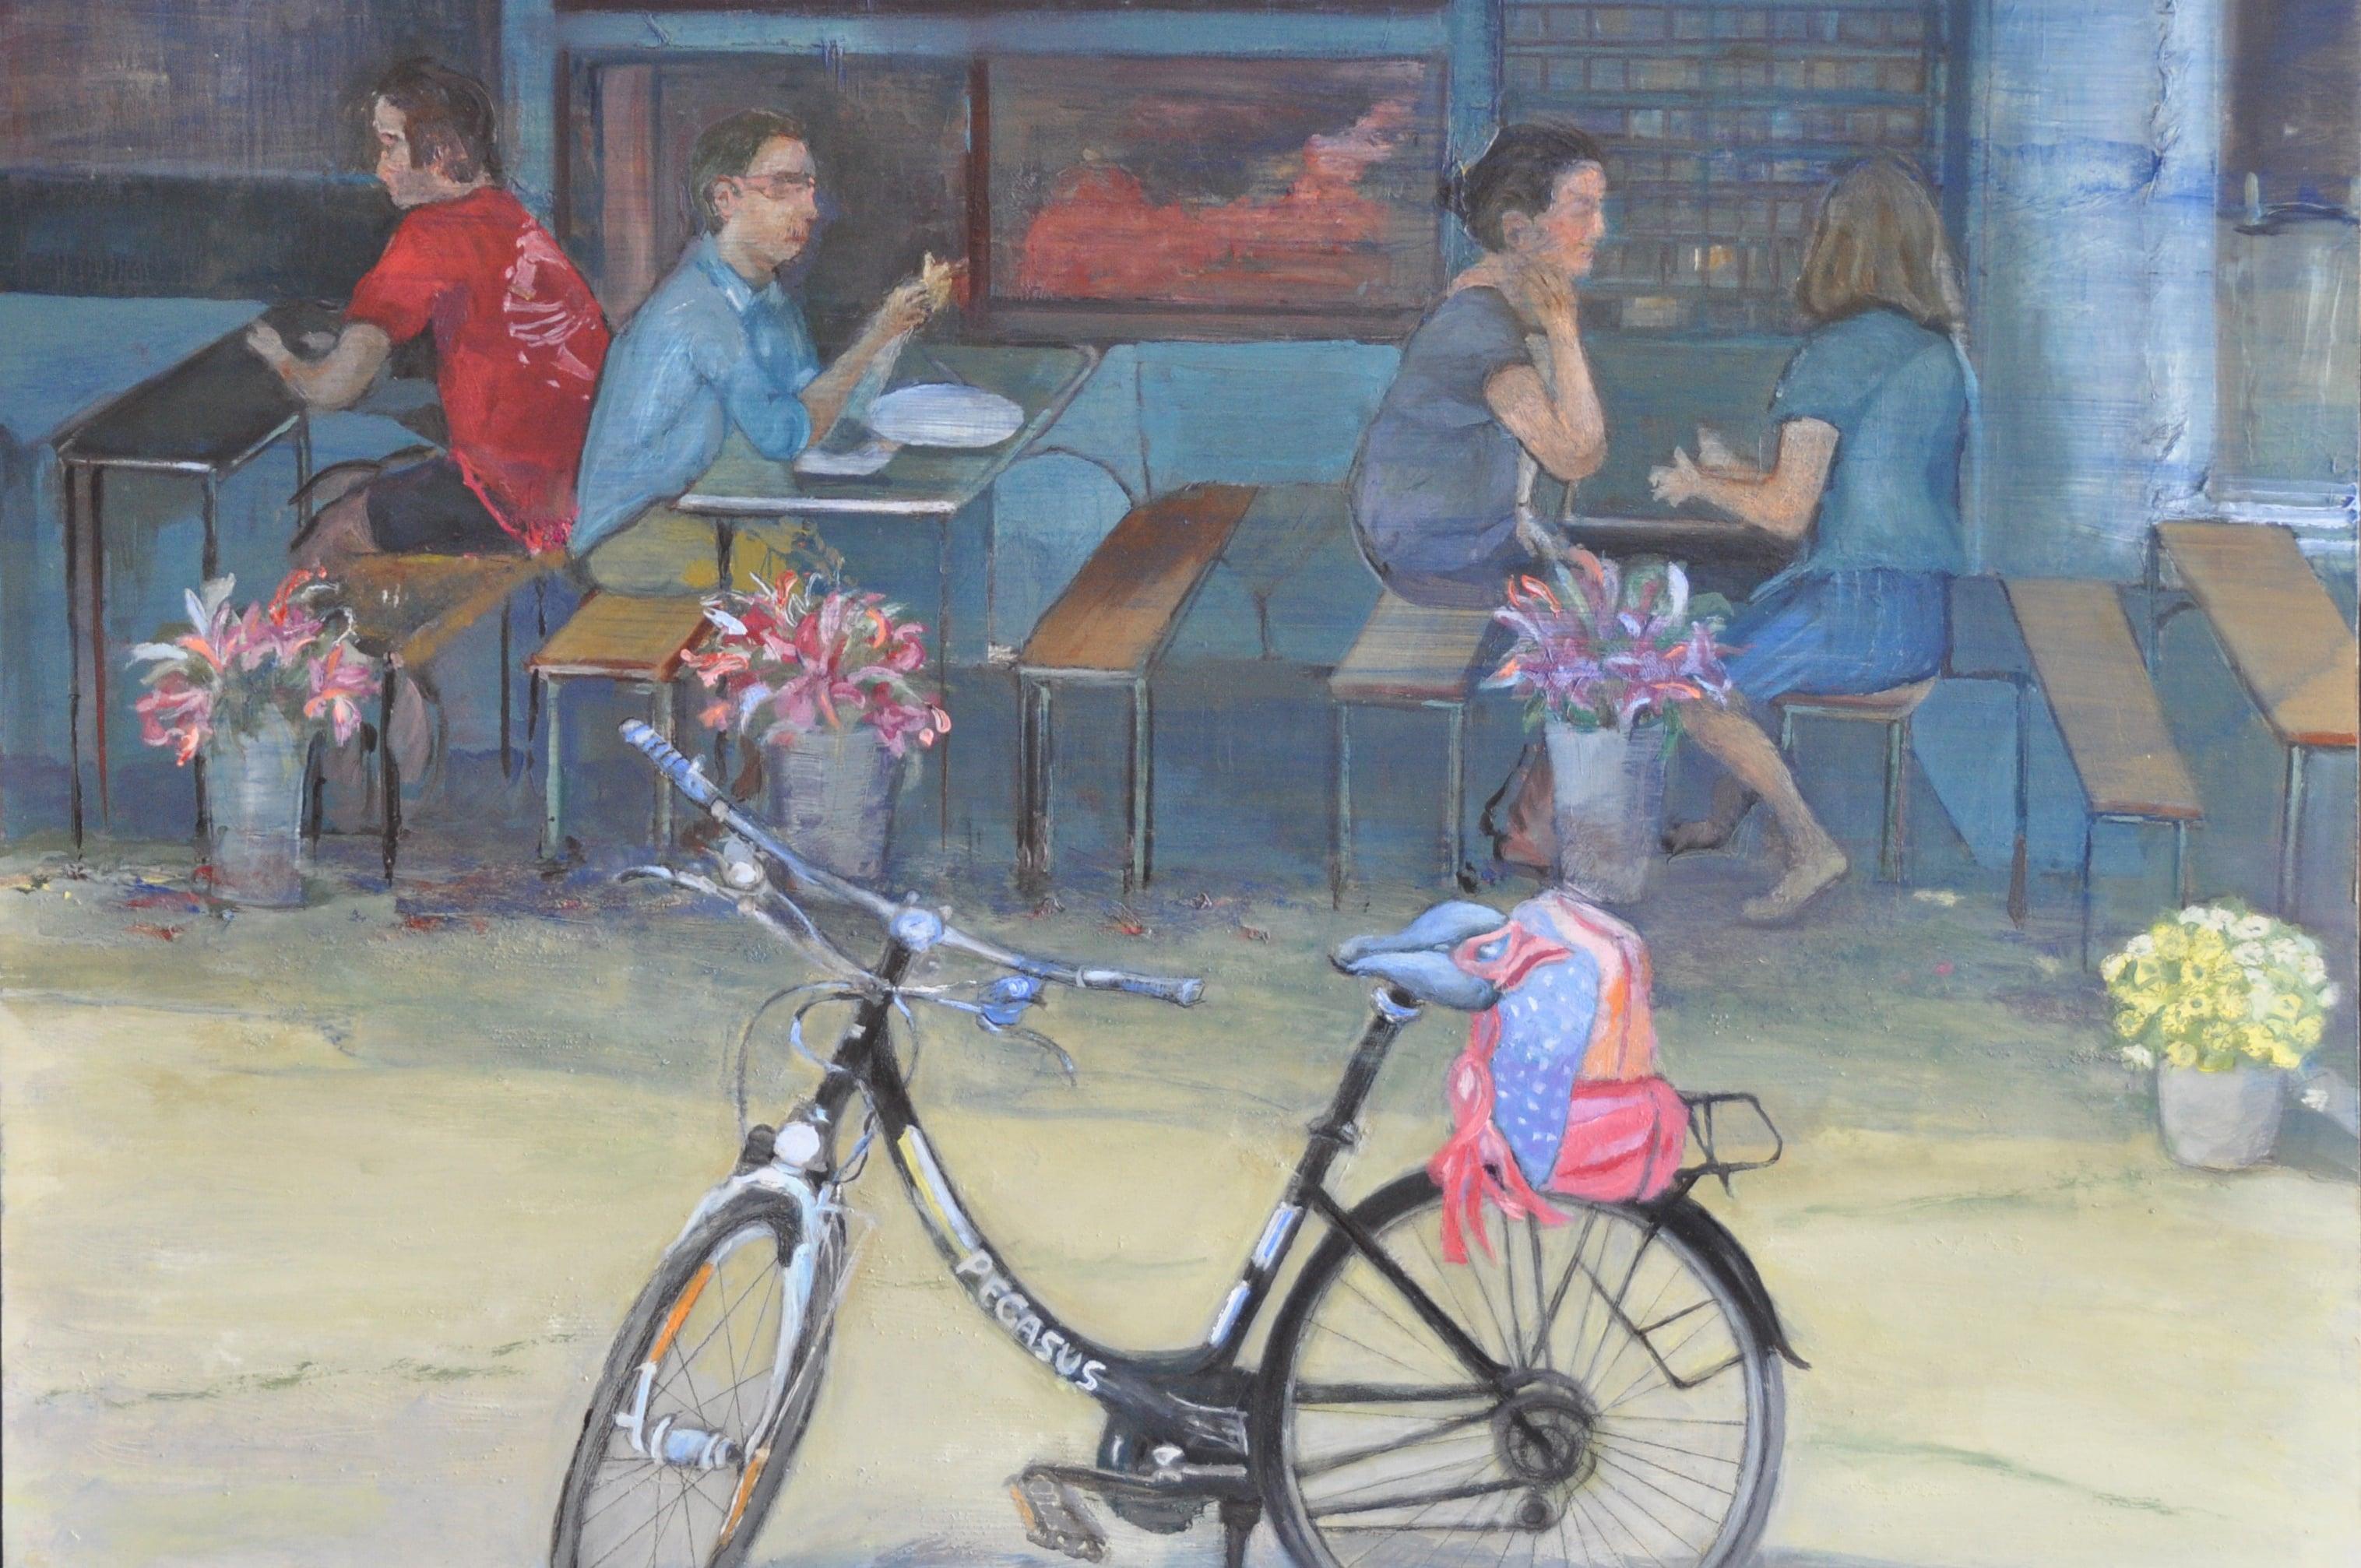 La bicicleta. 74x60. Óloeo sobre tablex